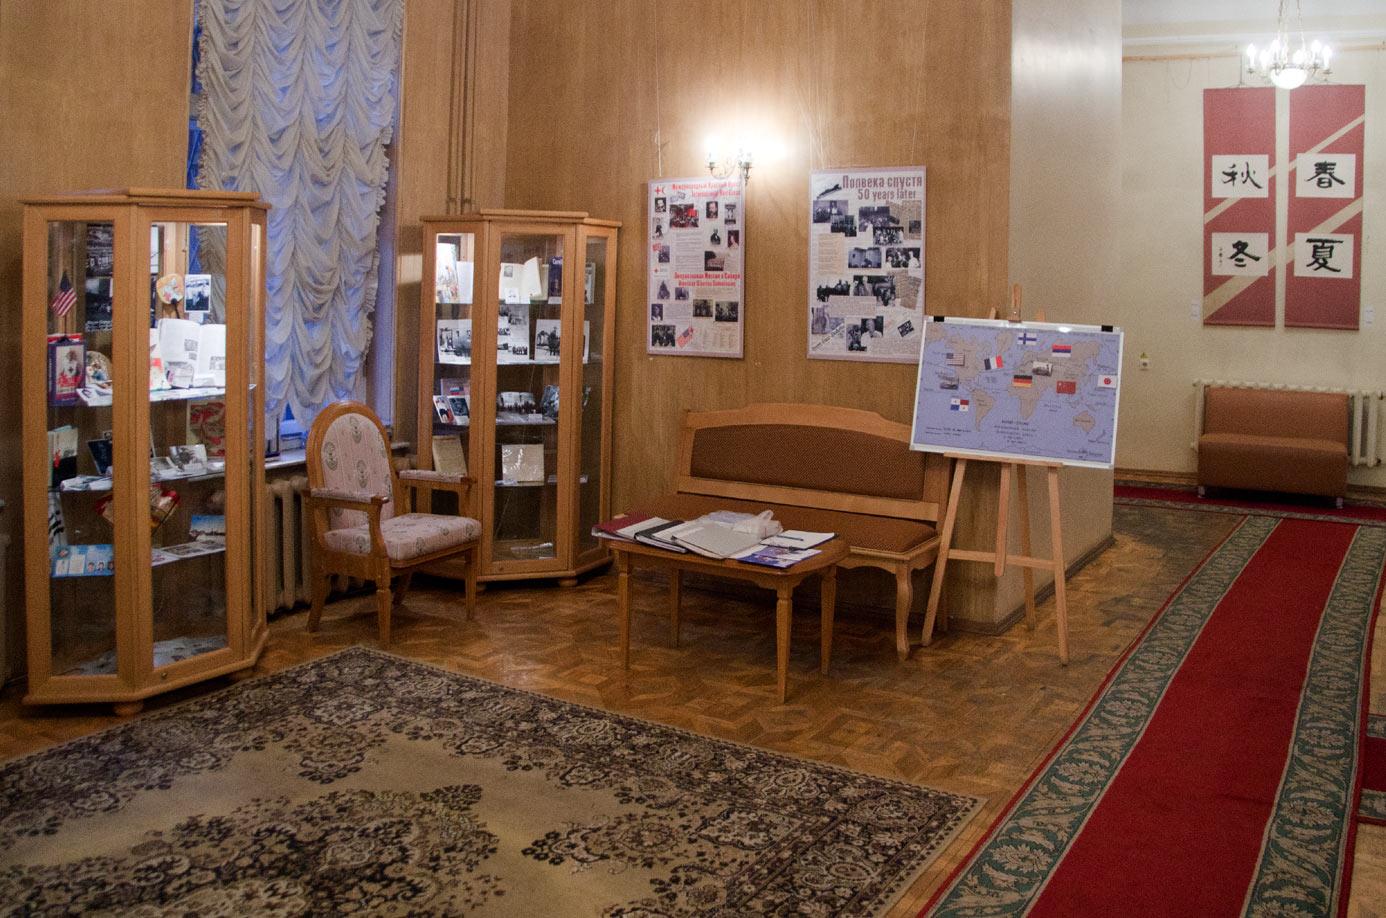 Открытие выставки «НАД НАМИ КРАСНЫЙ КРЕСТ» 25 февраля 2015 года.